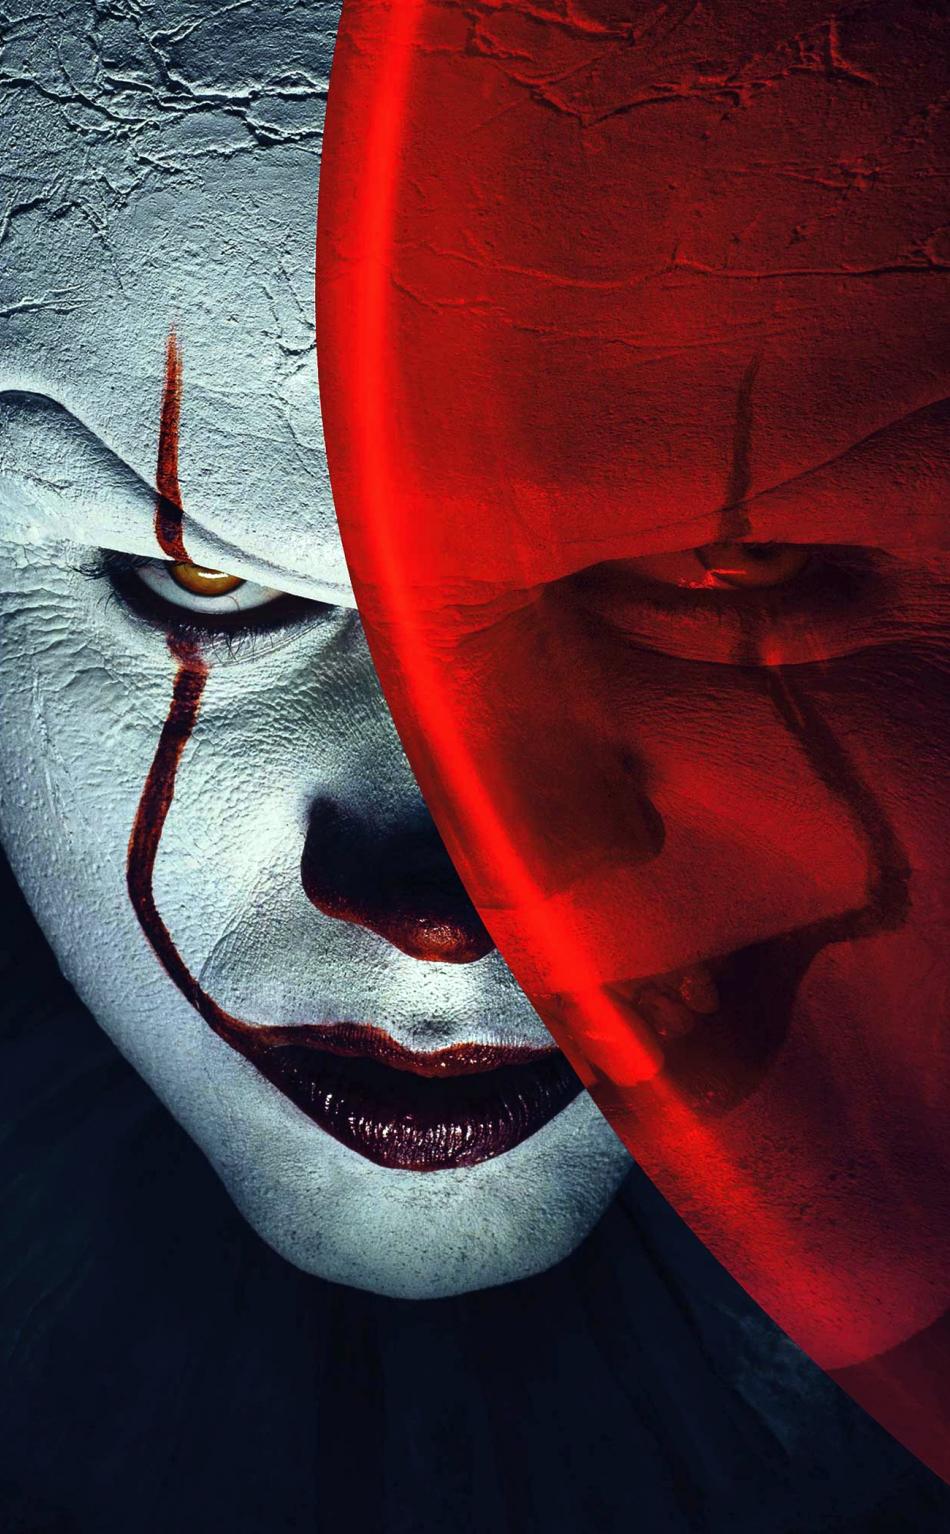 Download 950x1534 Wallpaper Joker, Clowns, It, Balloon